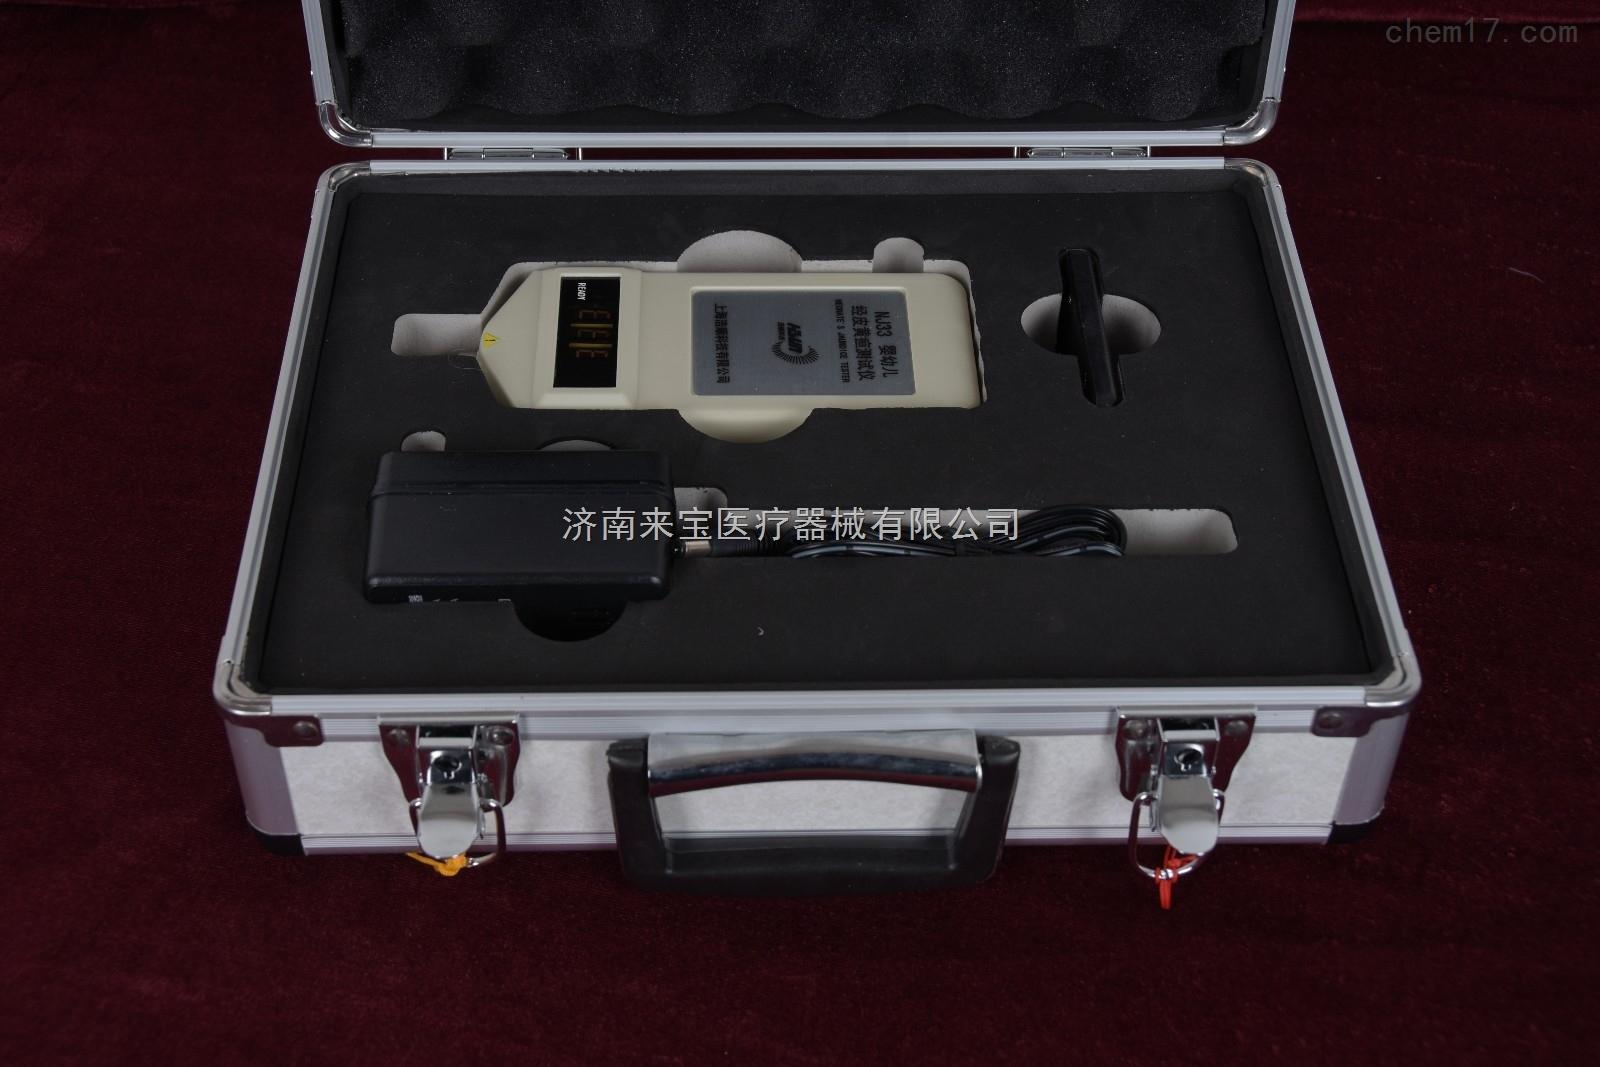 浩顺经皮黄疸仪NJ33